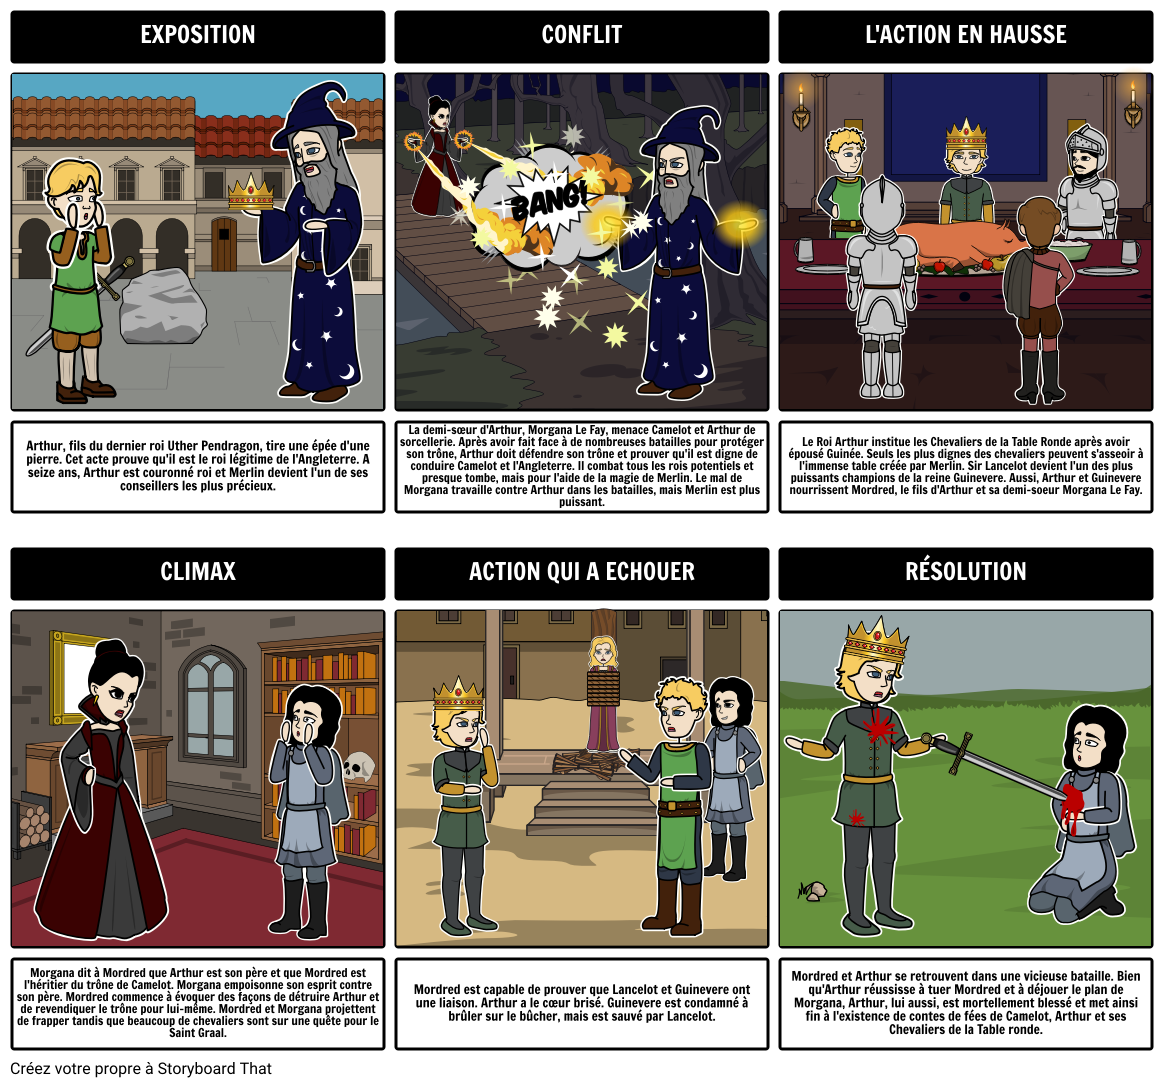 Le Roi Arthur et les Chevaliers de la Table Ronde - Diagramme